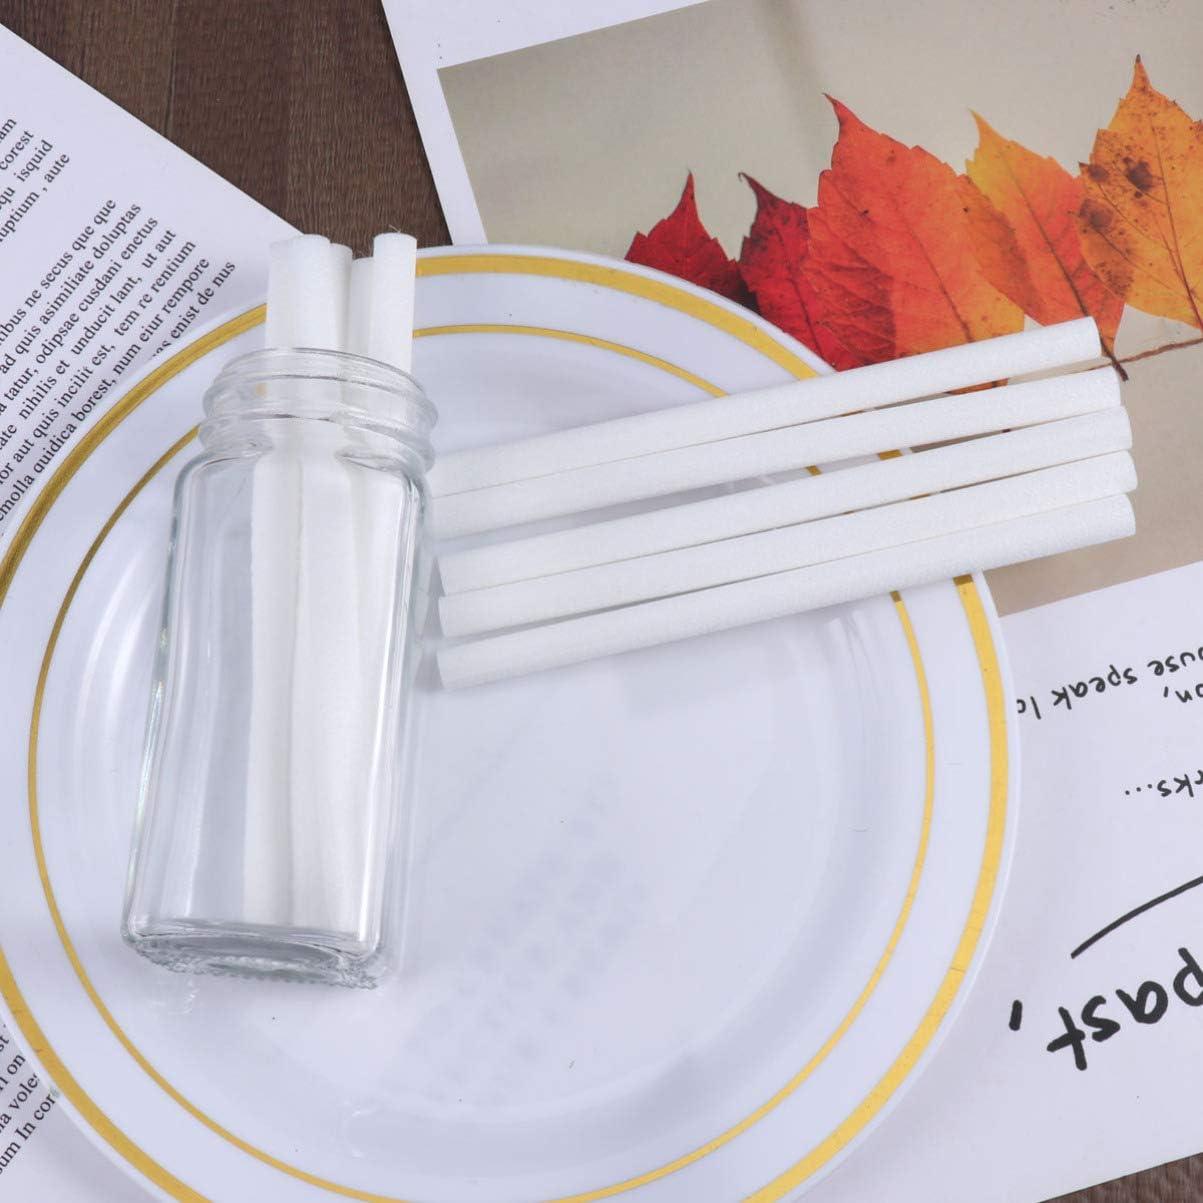 Artibetter 10 Pcs Mini Humidificateurs Filtres Recharge B/âtons Coton Tige /Éponges Filtre Remplacement pour Usb Eau Humidificateur Aromath/érapie Huile Essentielle Diffuseur